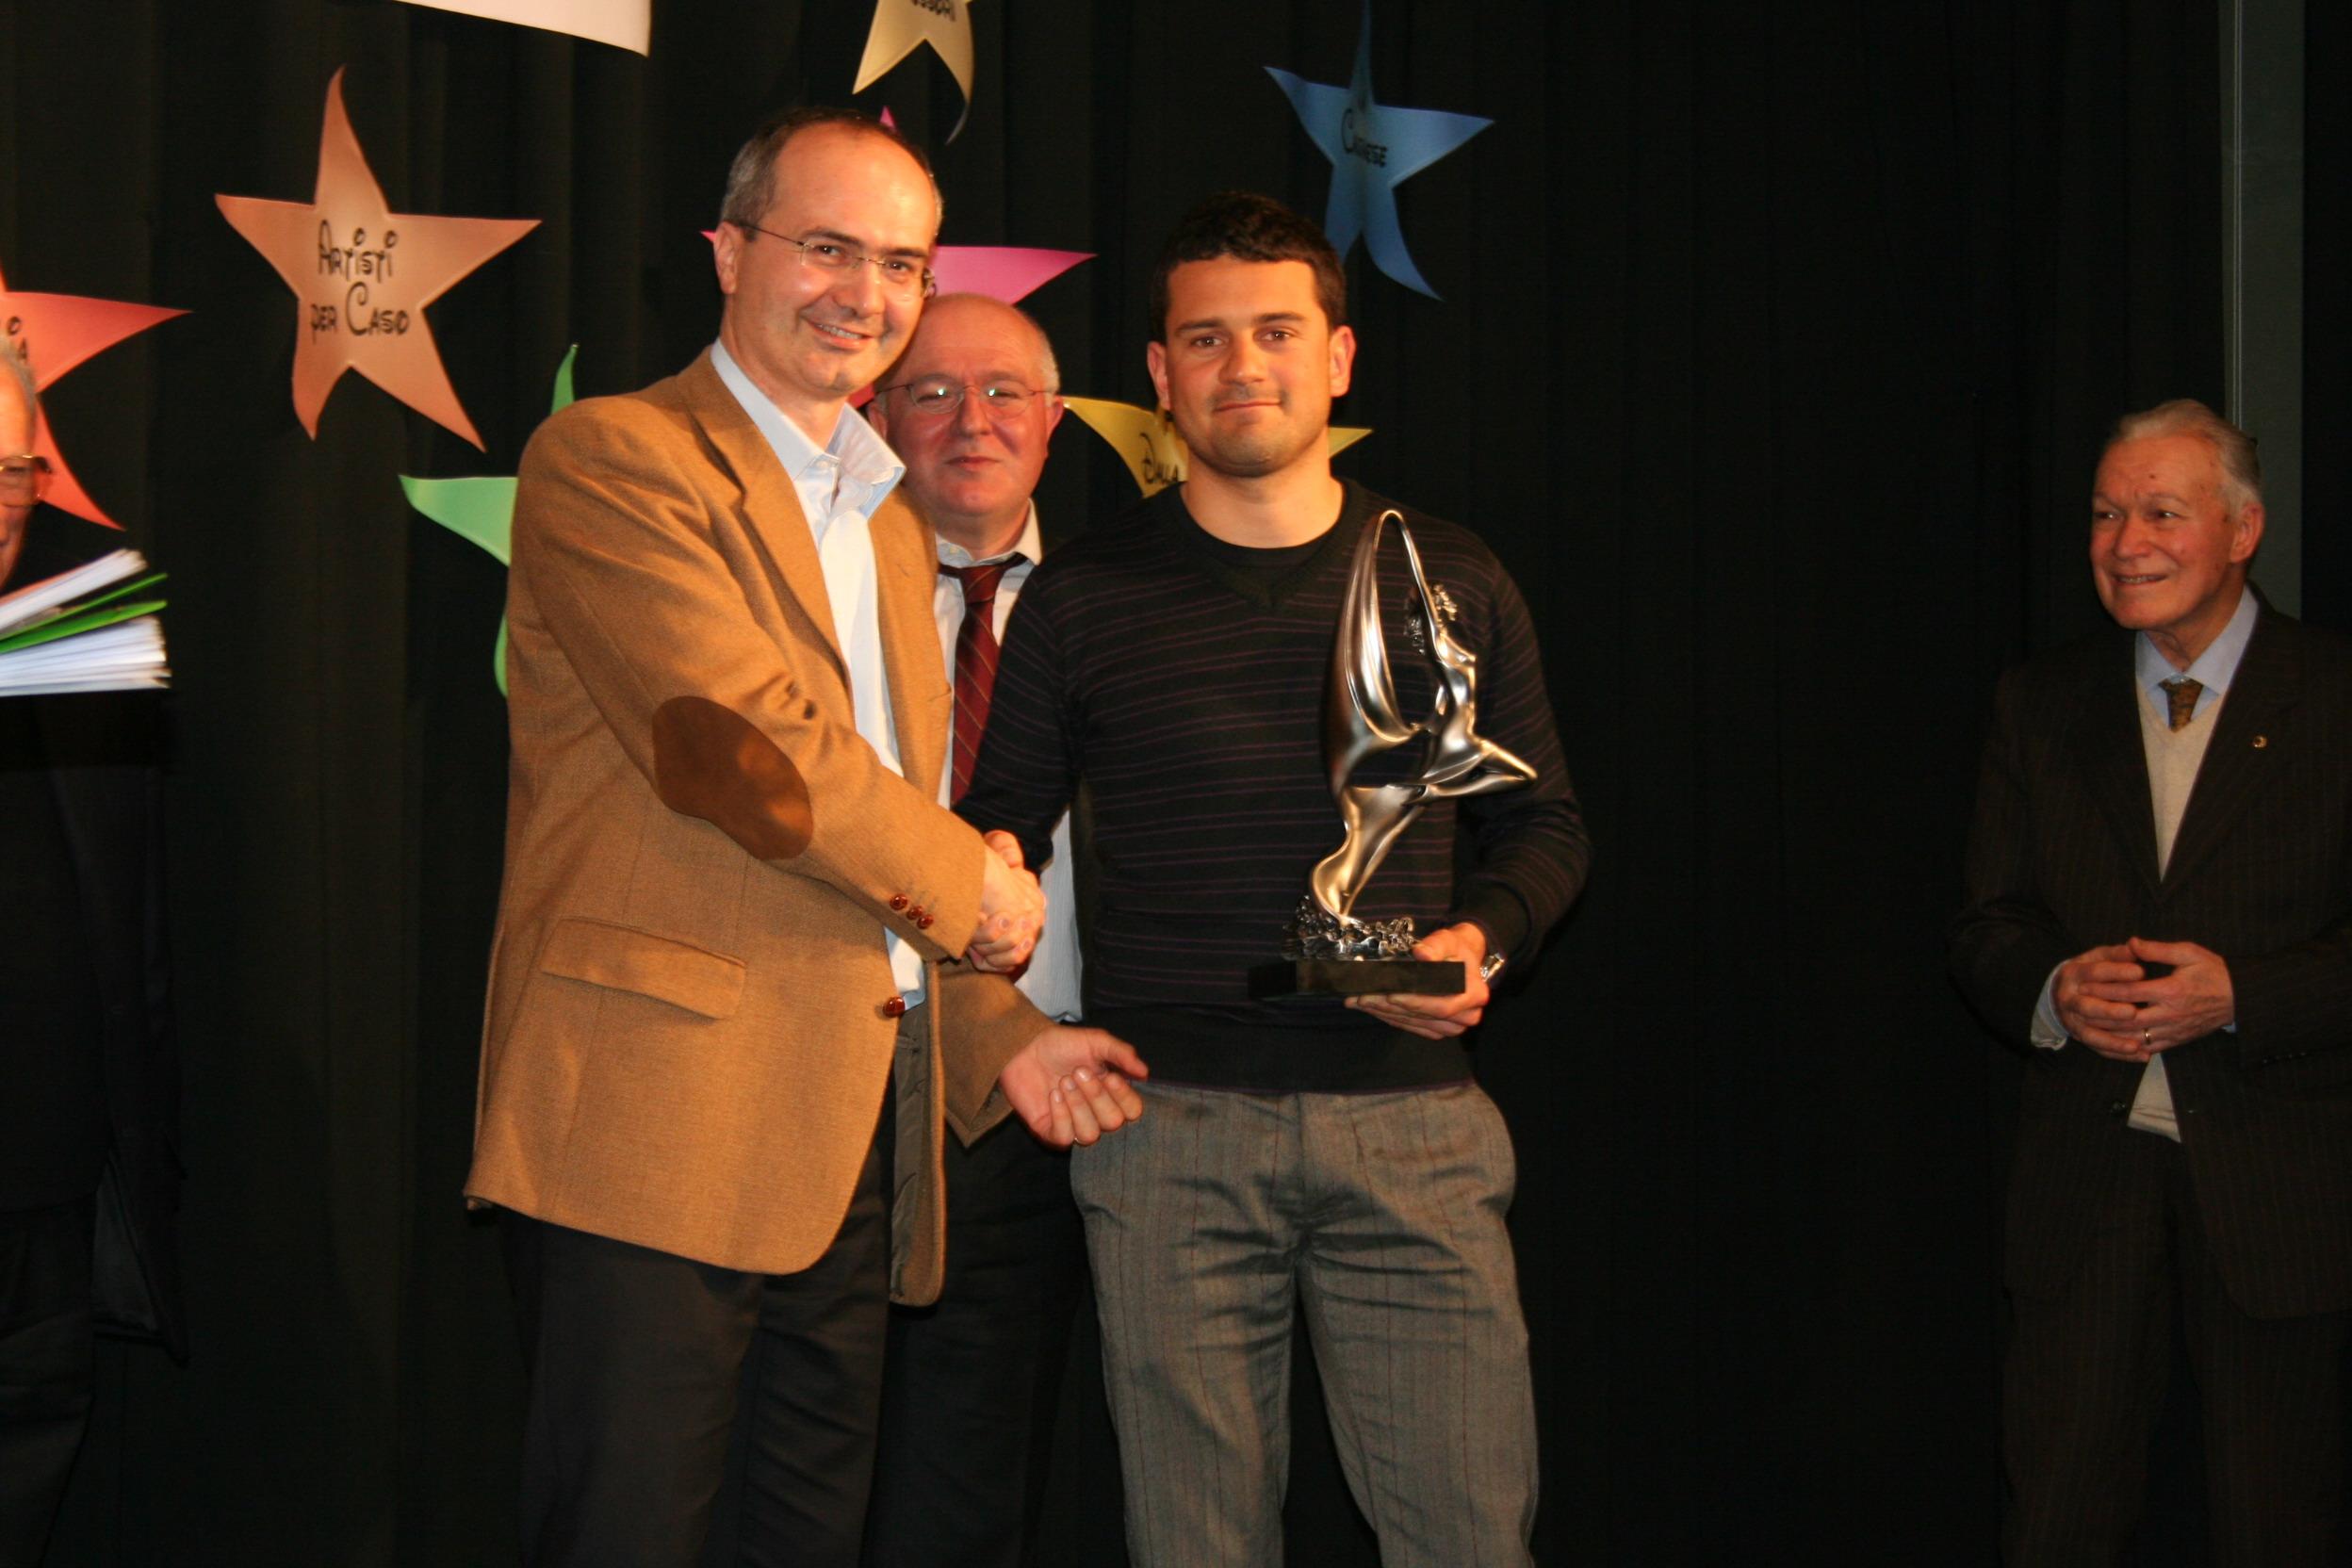 TROFEO alla miglior compagnia 2009